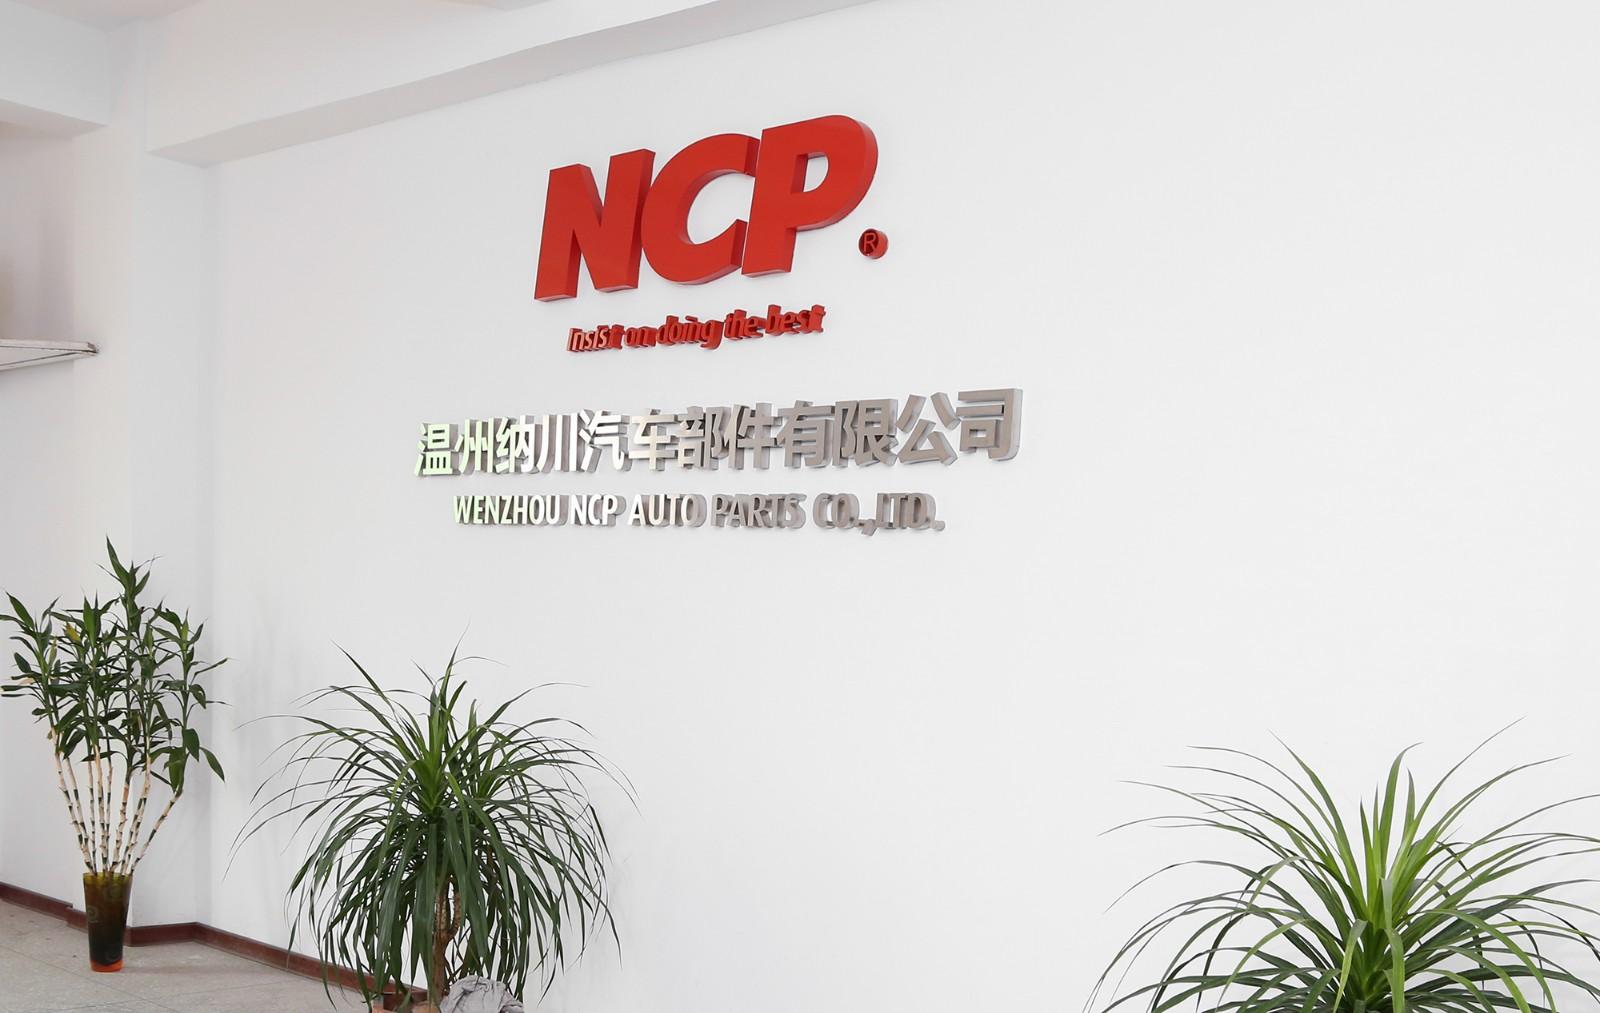 NCP AUTO PARTS CO.,LTD